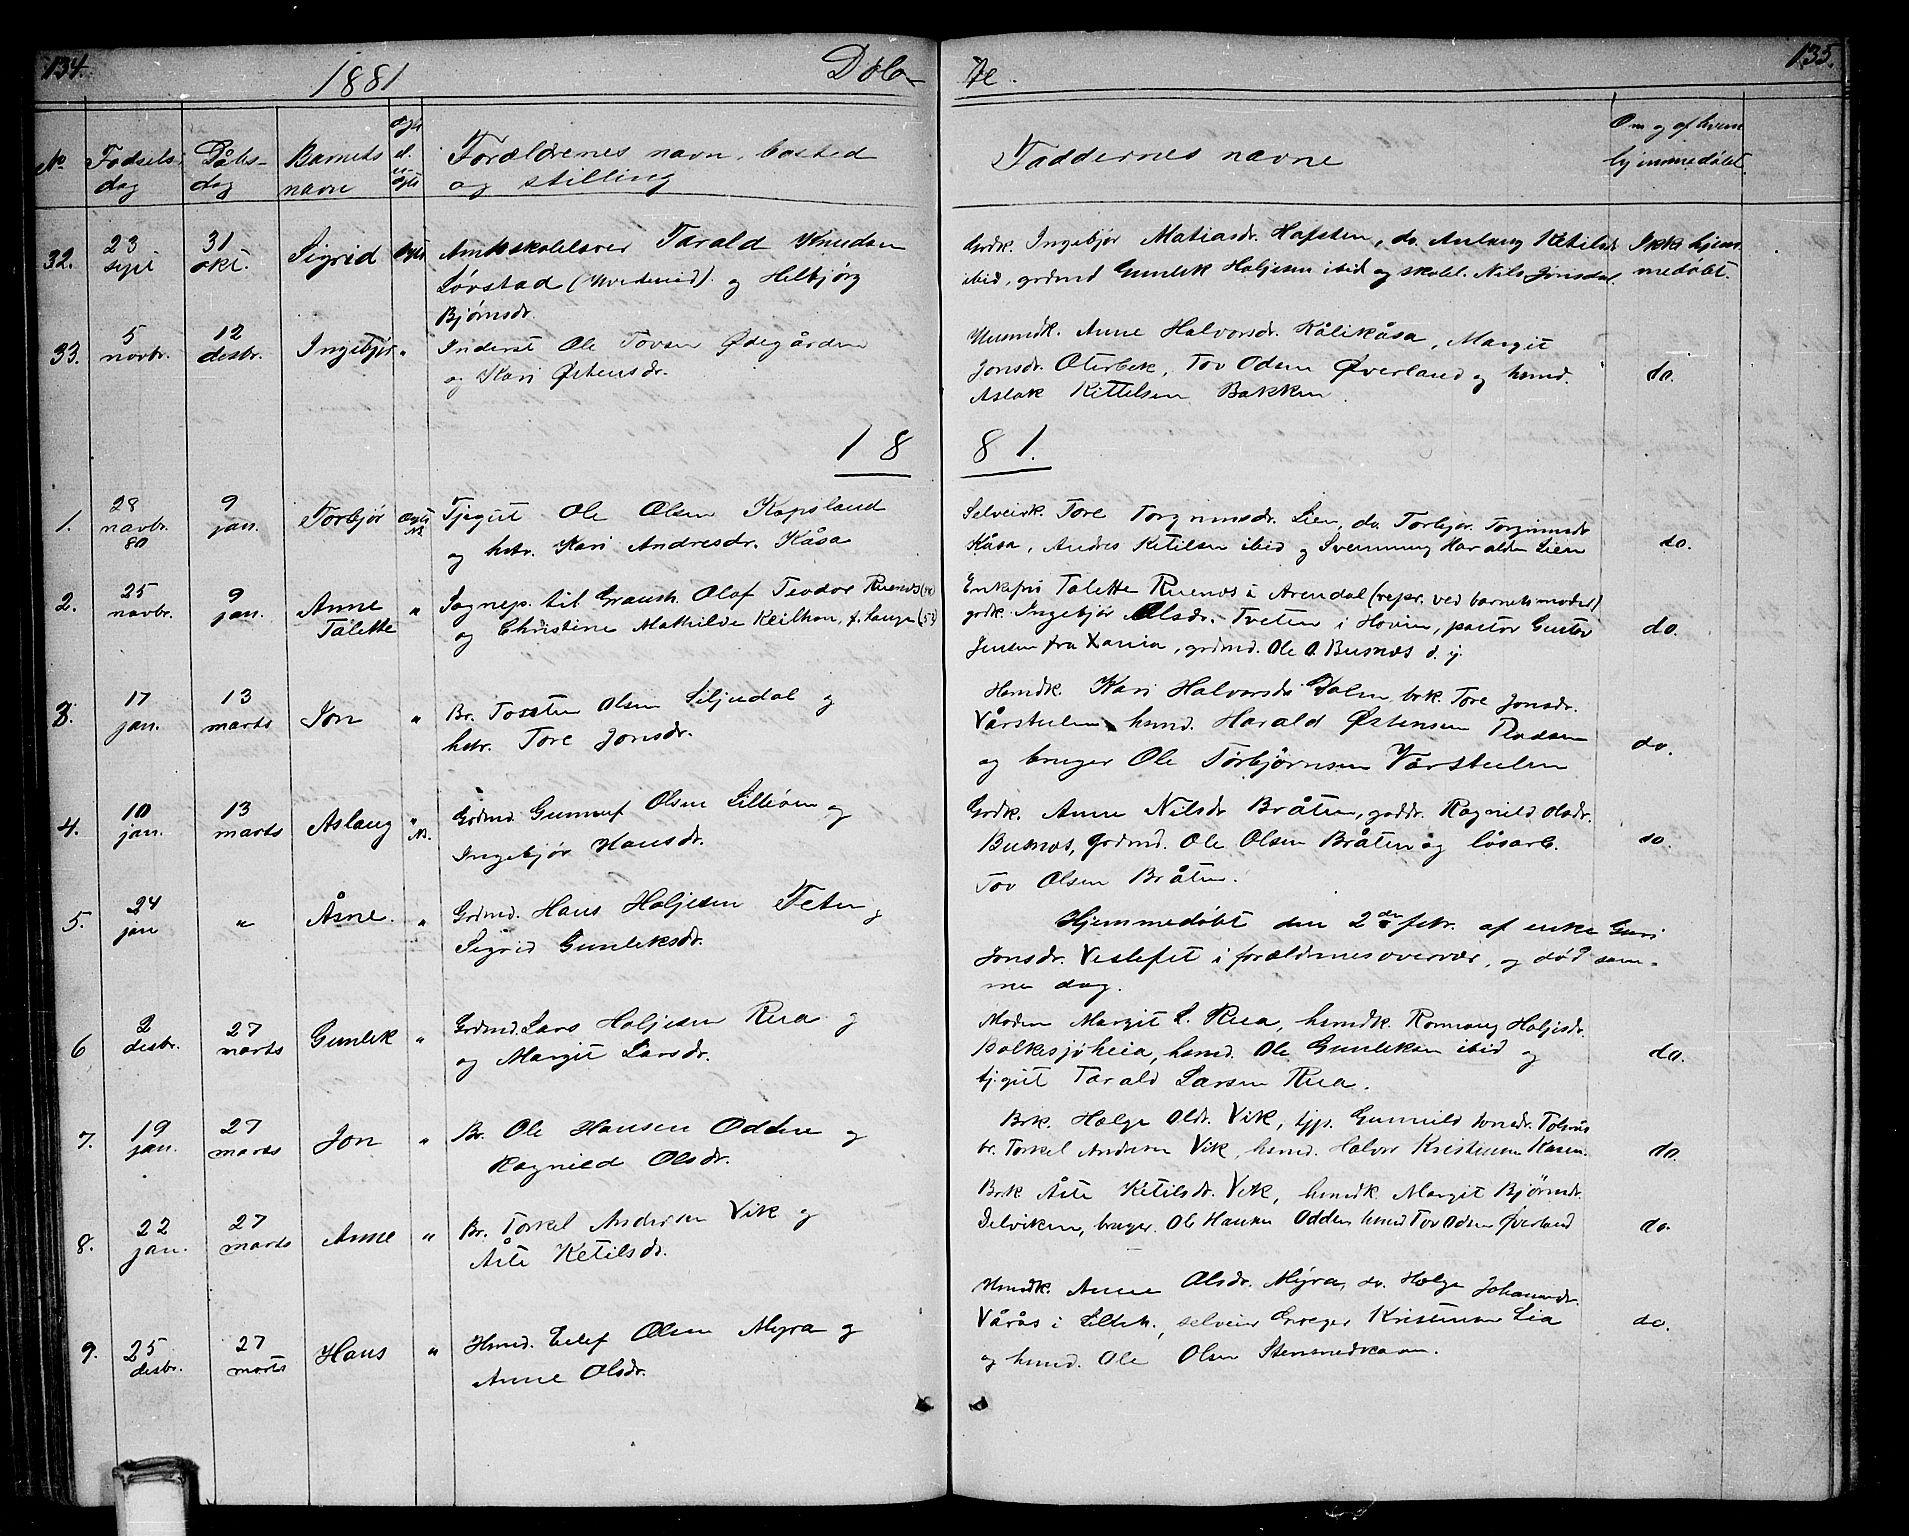 SAKO, Gransherad kirkebøker, G/Ga/L0002: Klokkerbok nr. I 2, 1854-1886, s. 134-135